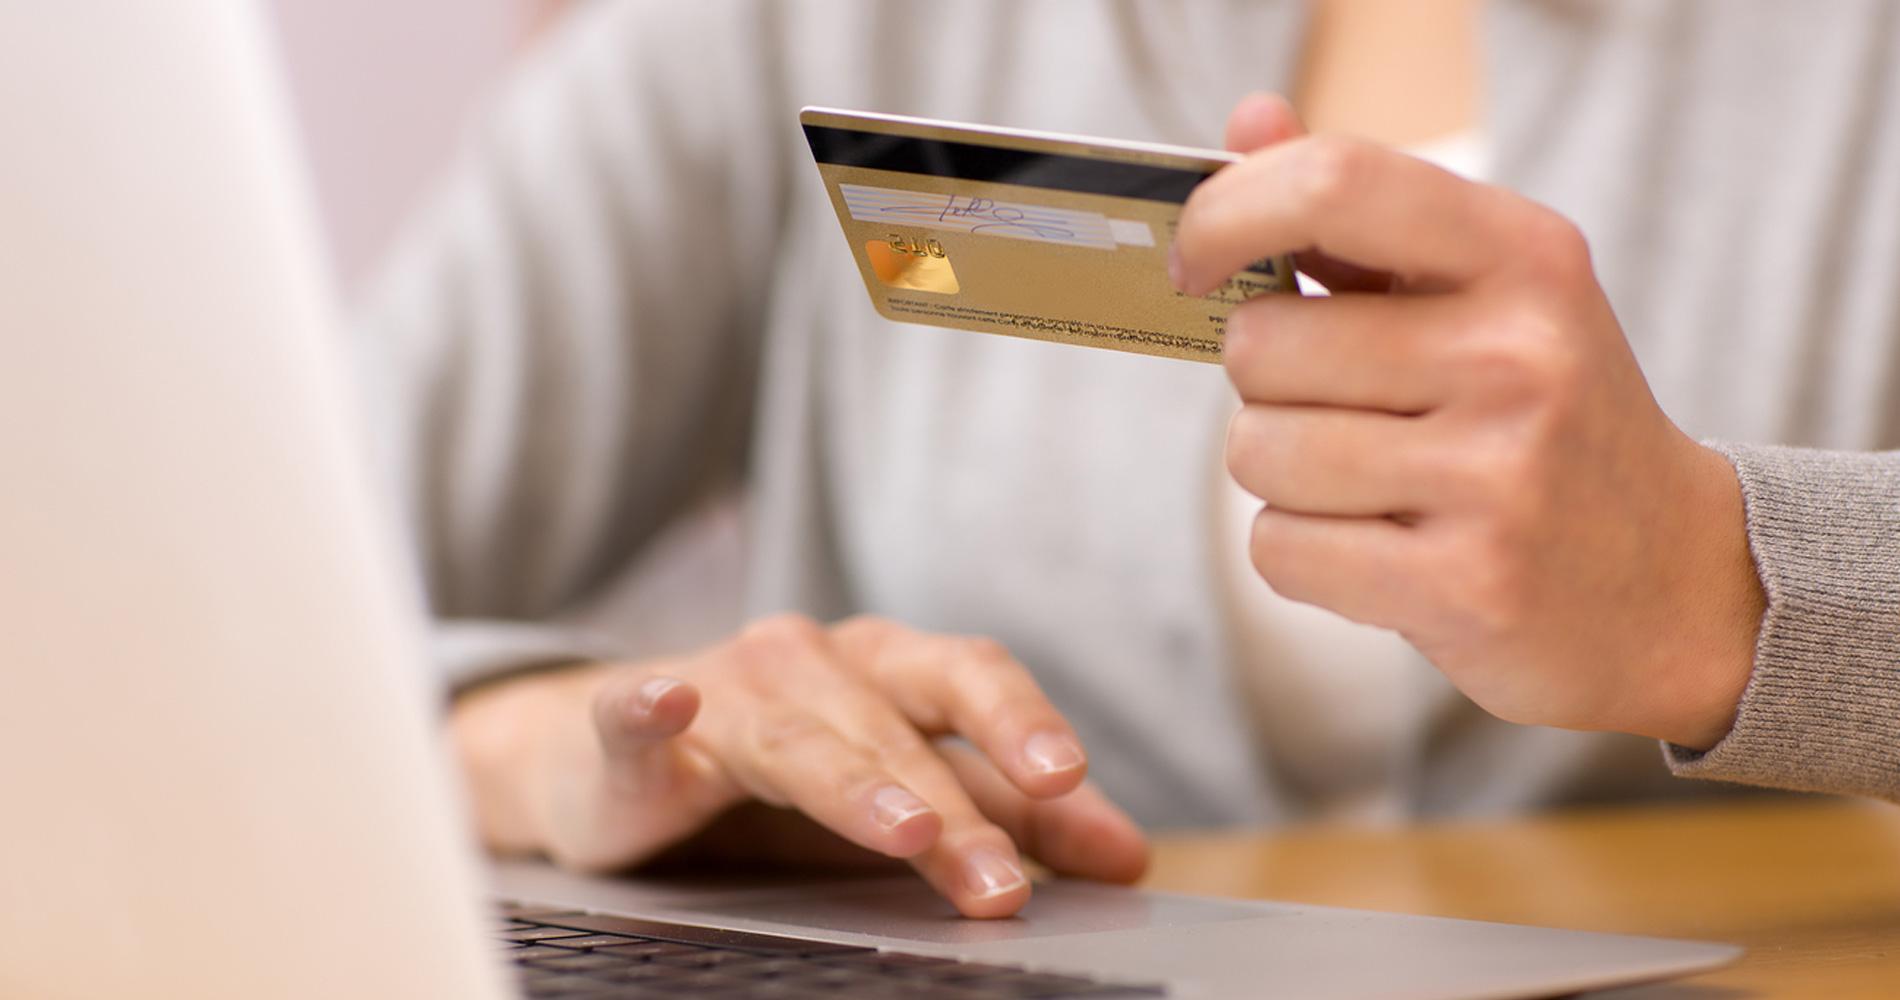 Cdiscount : que devez-vous faire en cas de fraude à la carte bancaire ? - Politique - Numerama